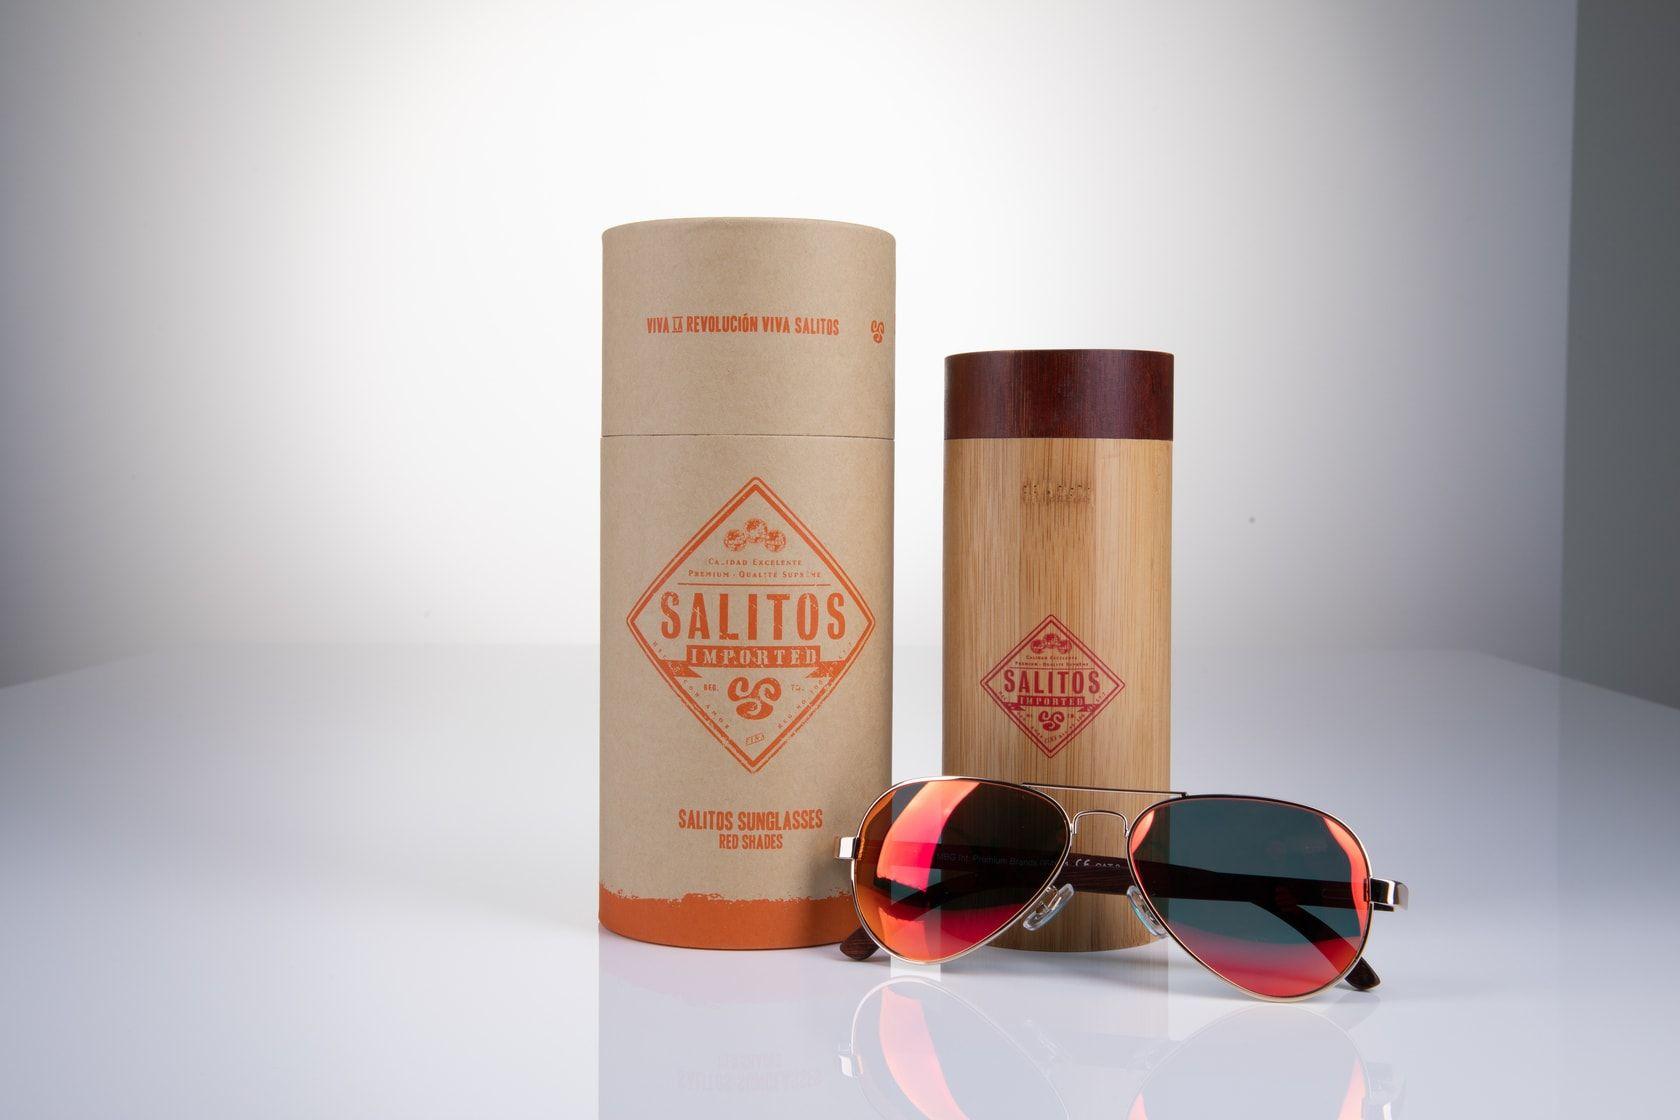 SALITOS Sonnenbrille red shades